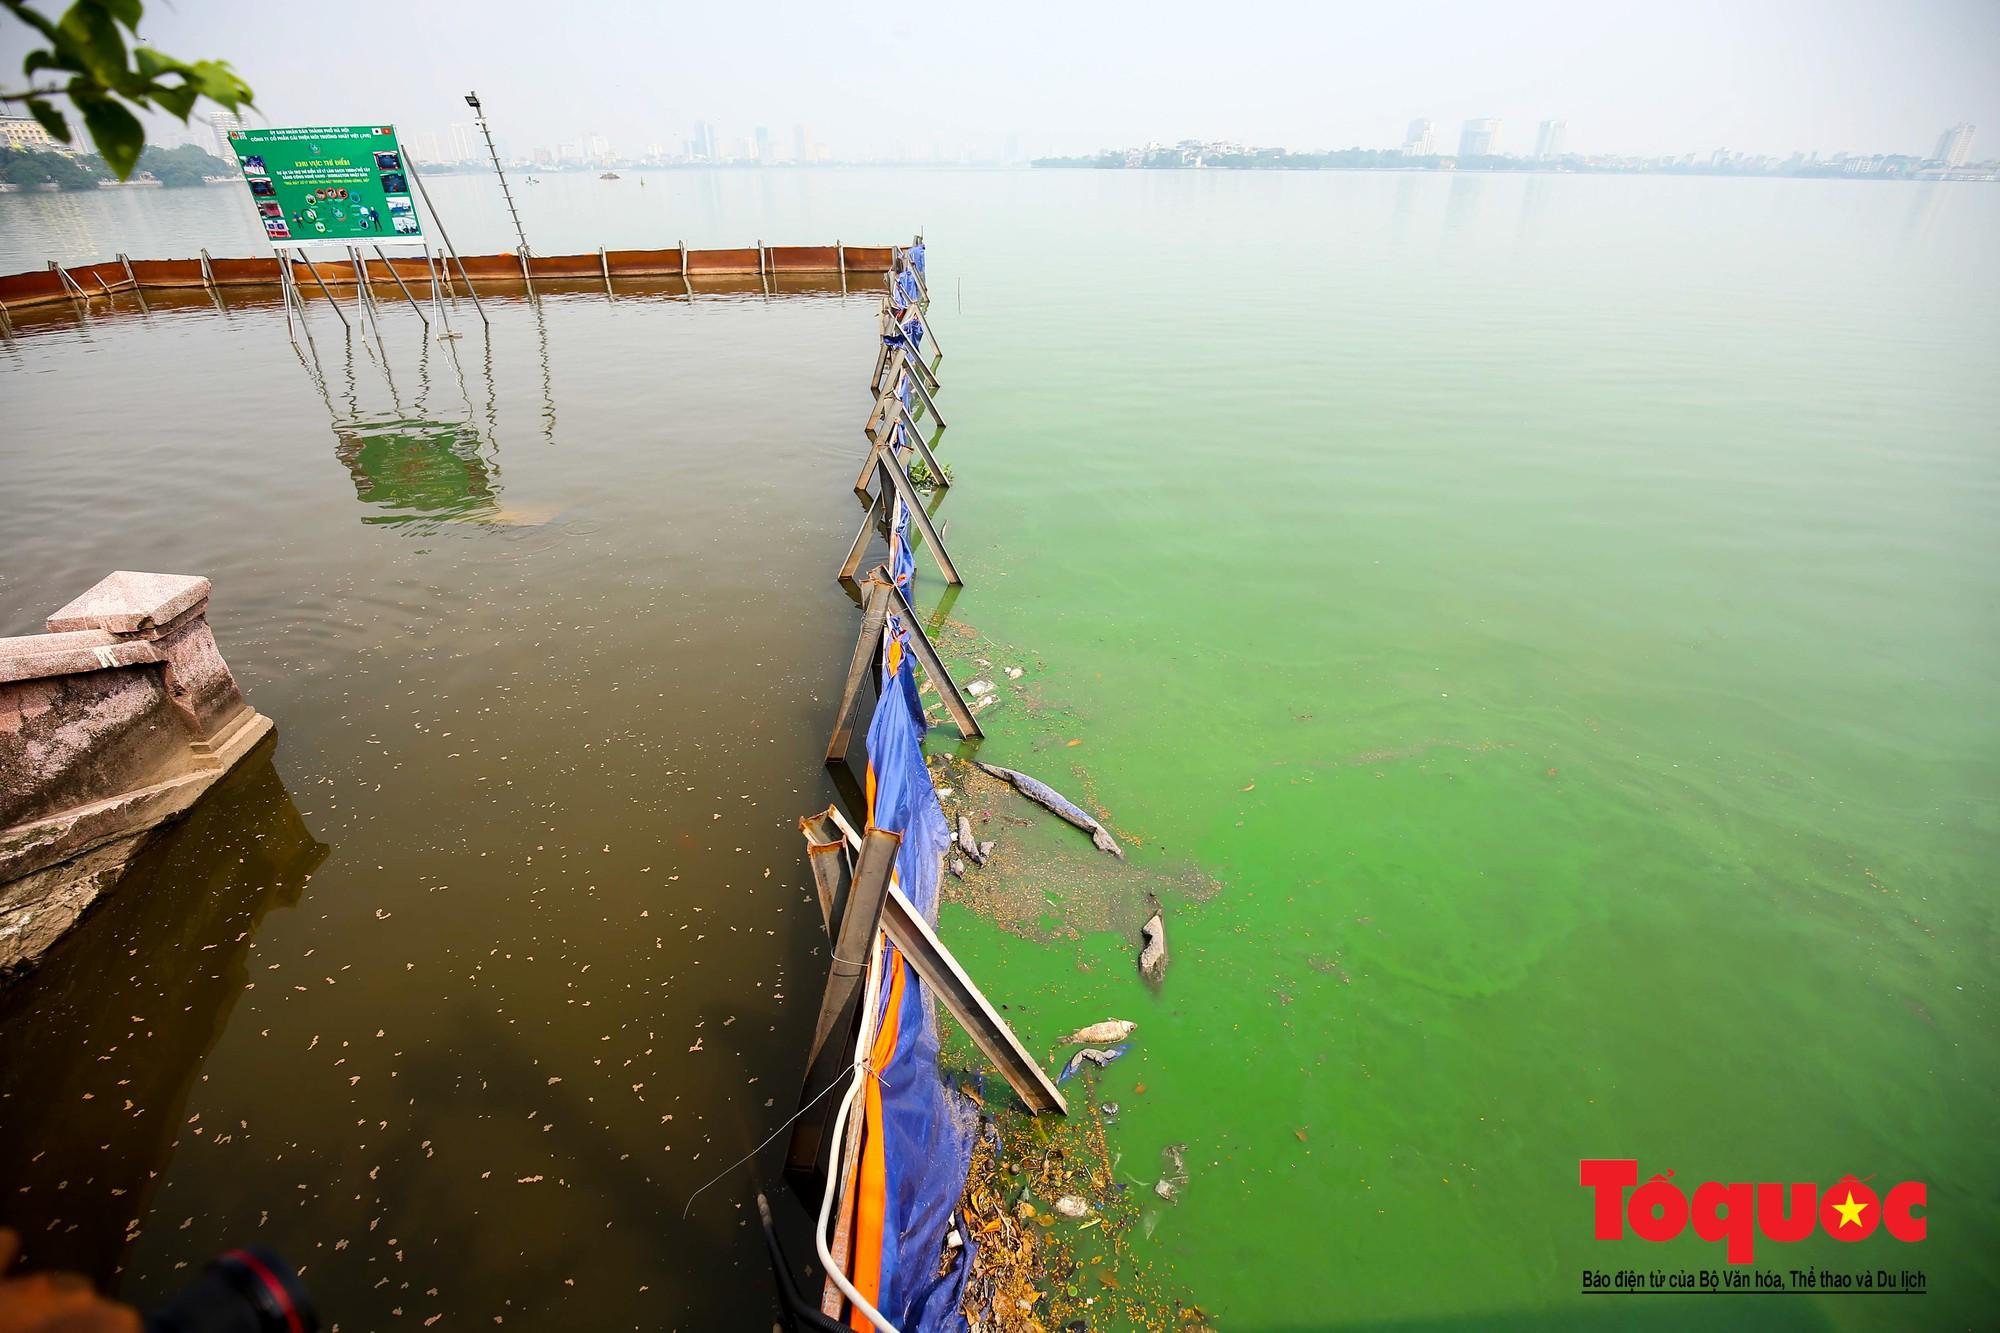 Hà Nội Thả thử nghiệm gần 100 con cá Koi Nhật Bản xuống sông tô lịch và Hồ Tây (14)